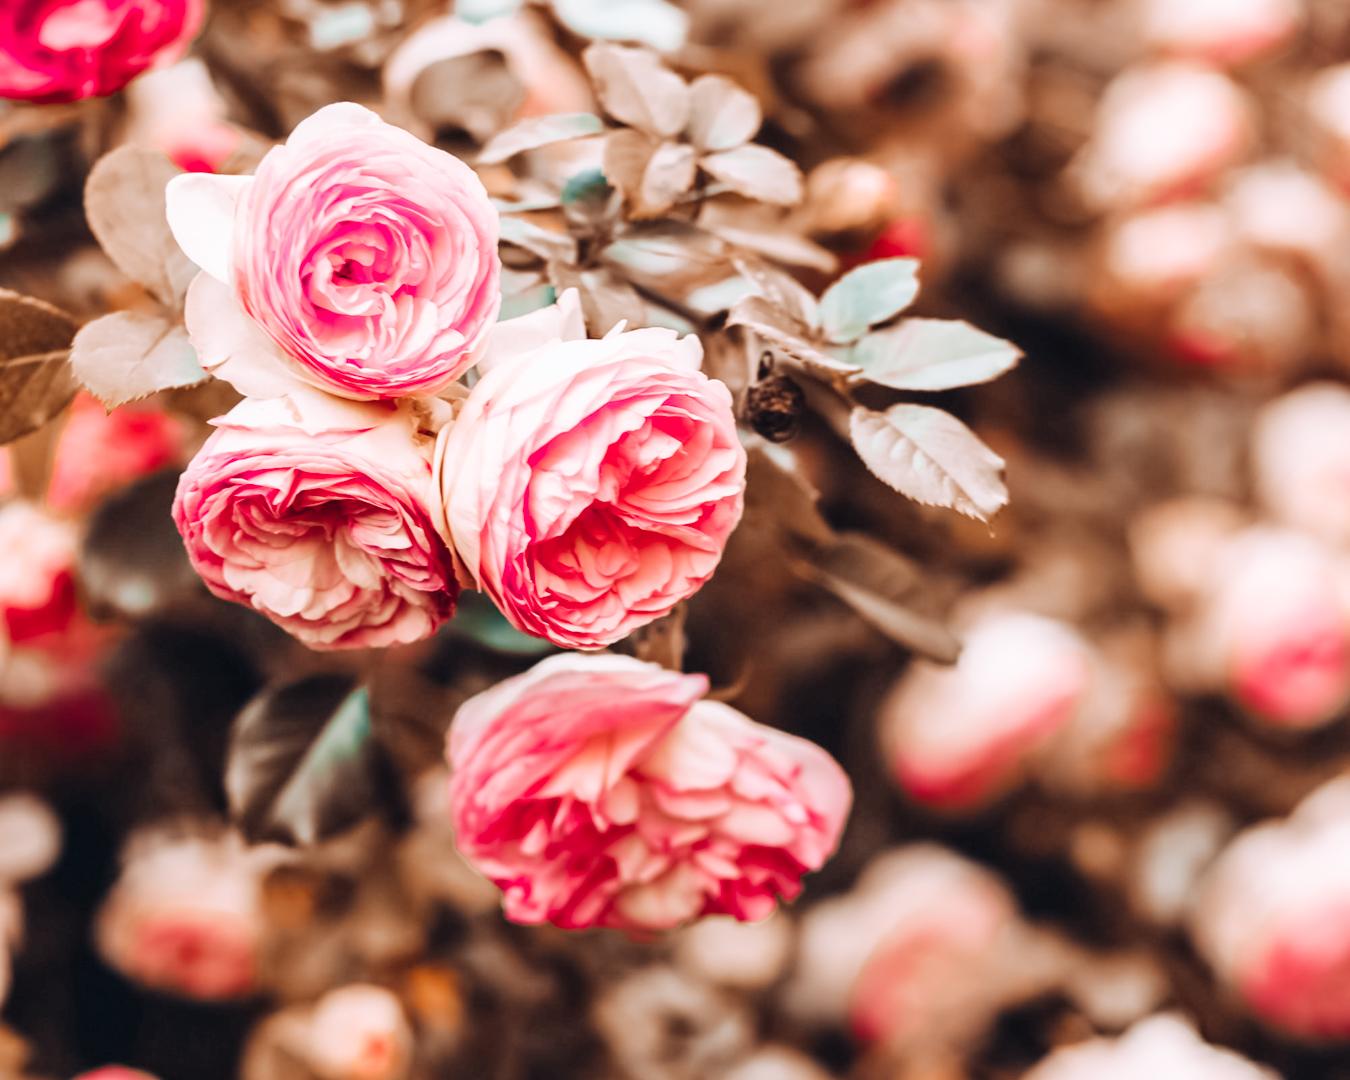 Pink roses in Municipal Rose Garden in San Jose